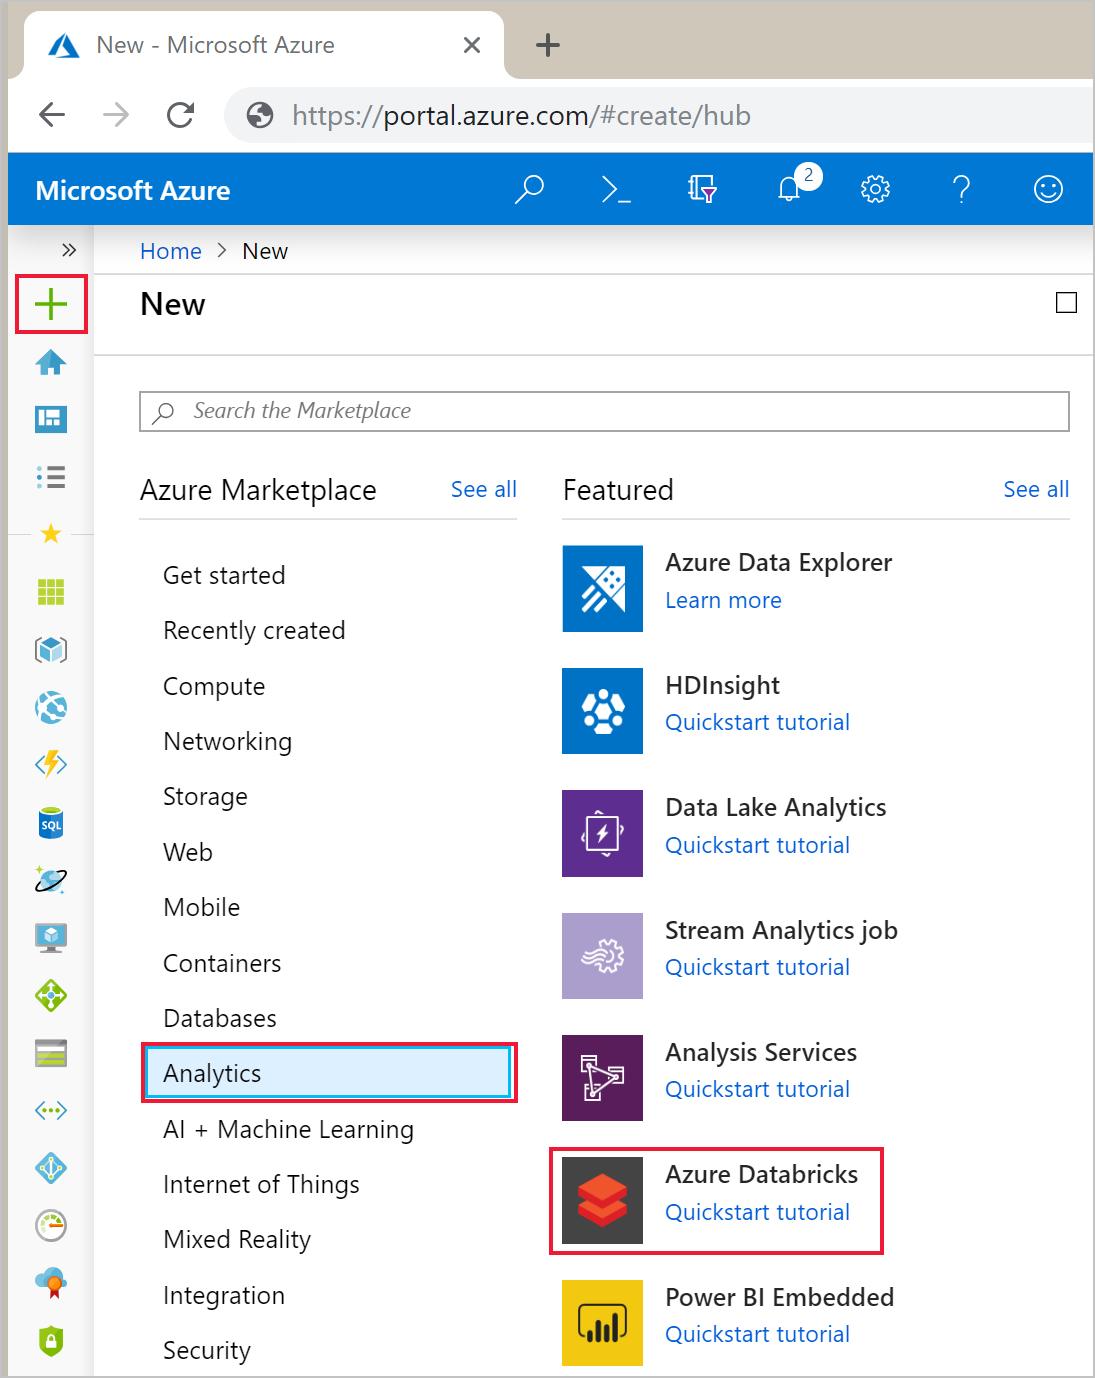 Quickstart: Run a Spark job on Azure Databricks using Azure portal